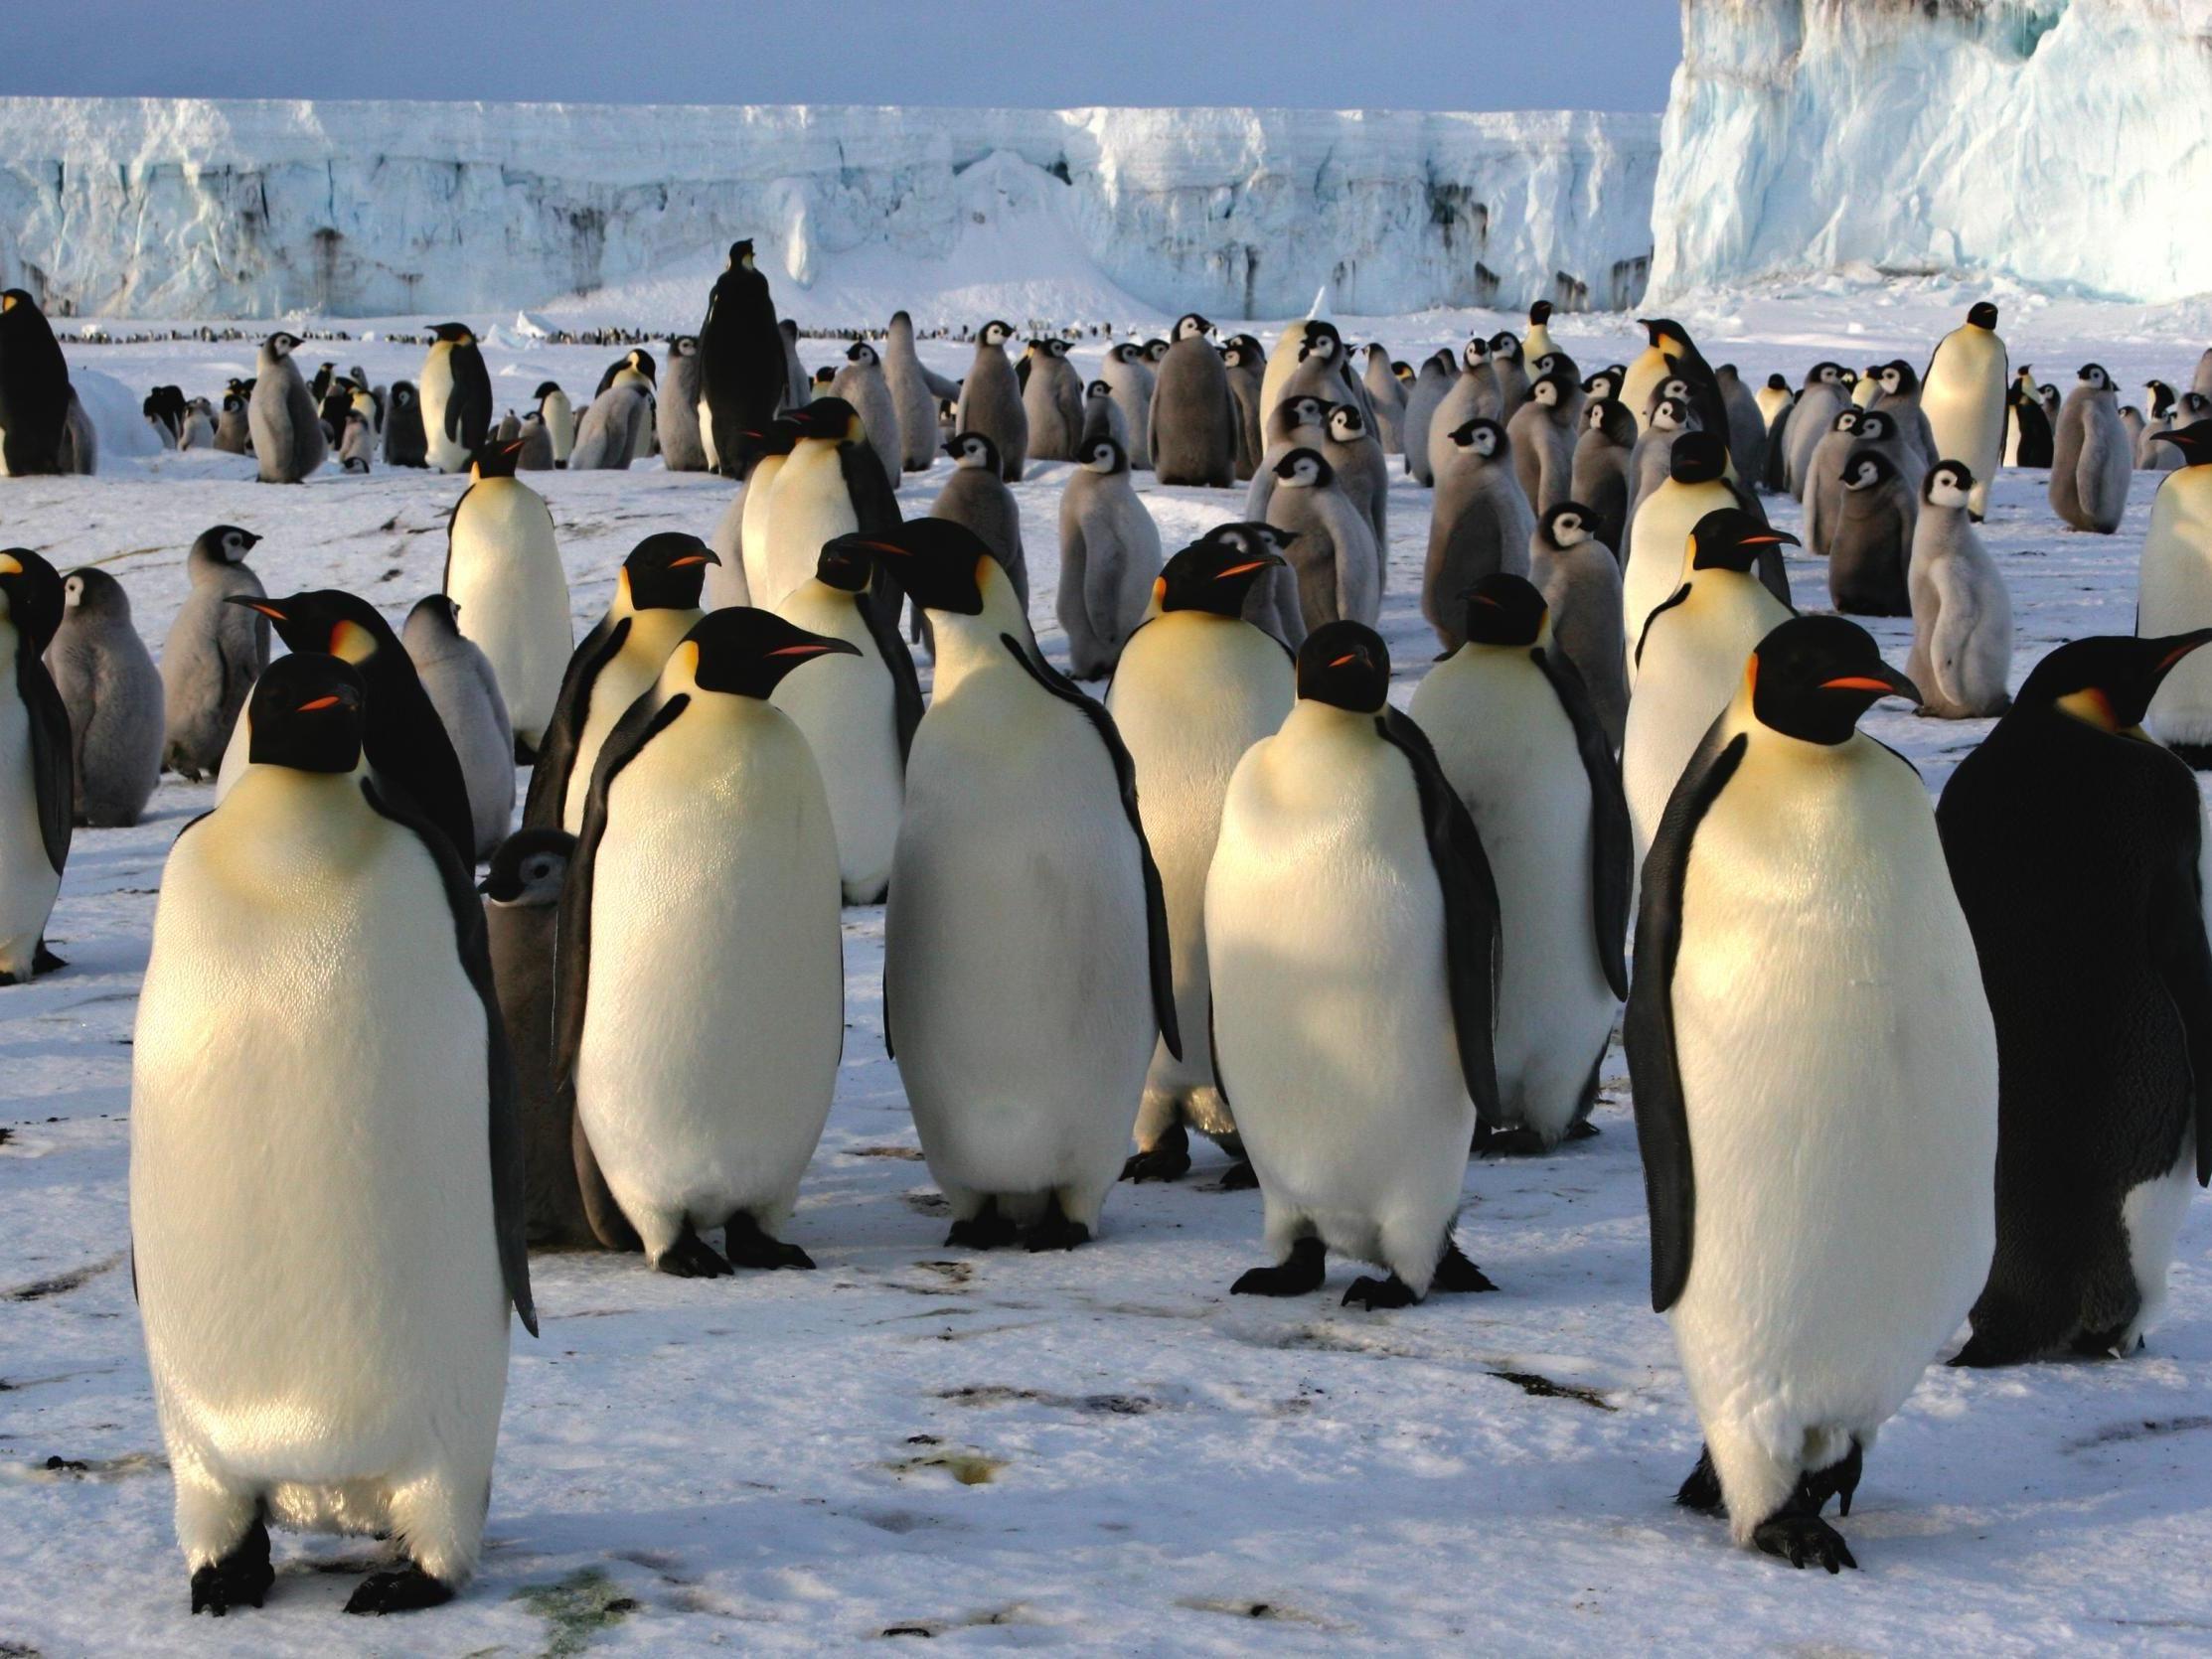 emperor-penguins.jpg.5b22d5455712a9f01c48e0d7fa60248c.jpg